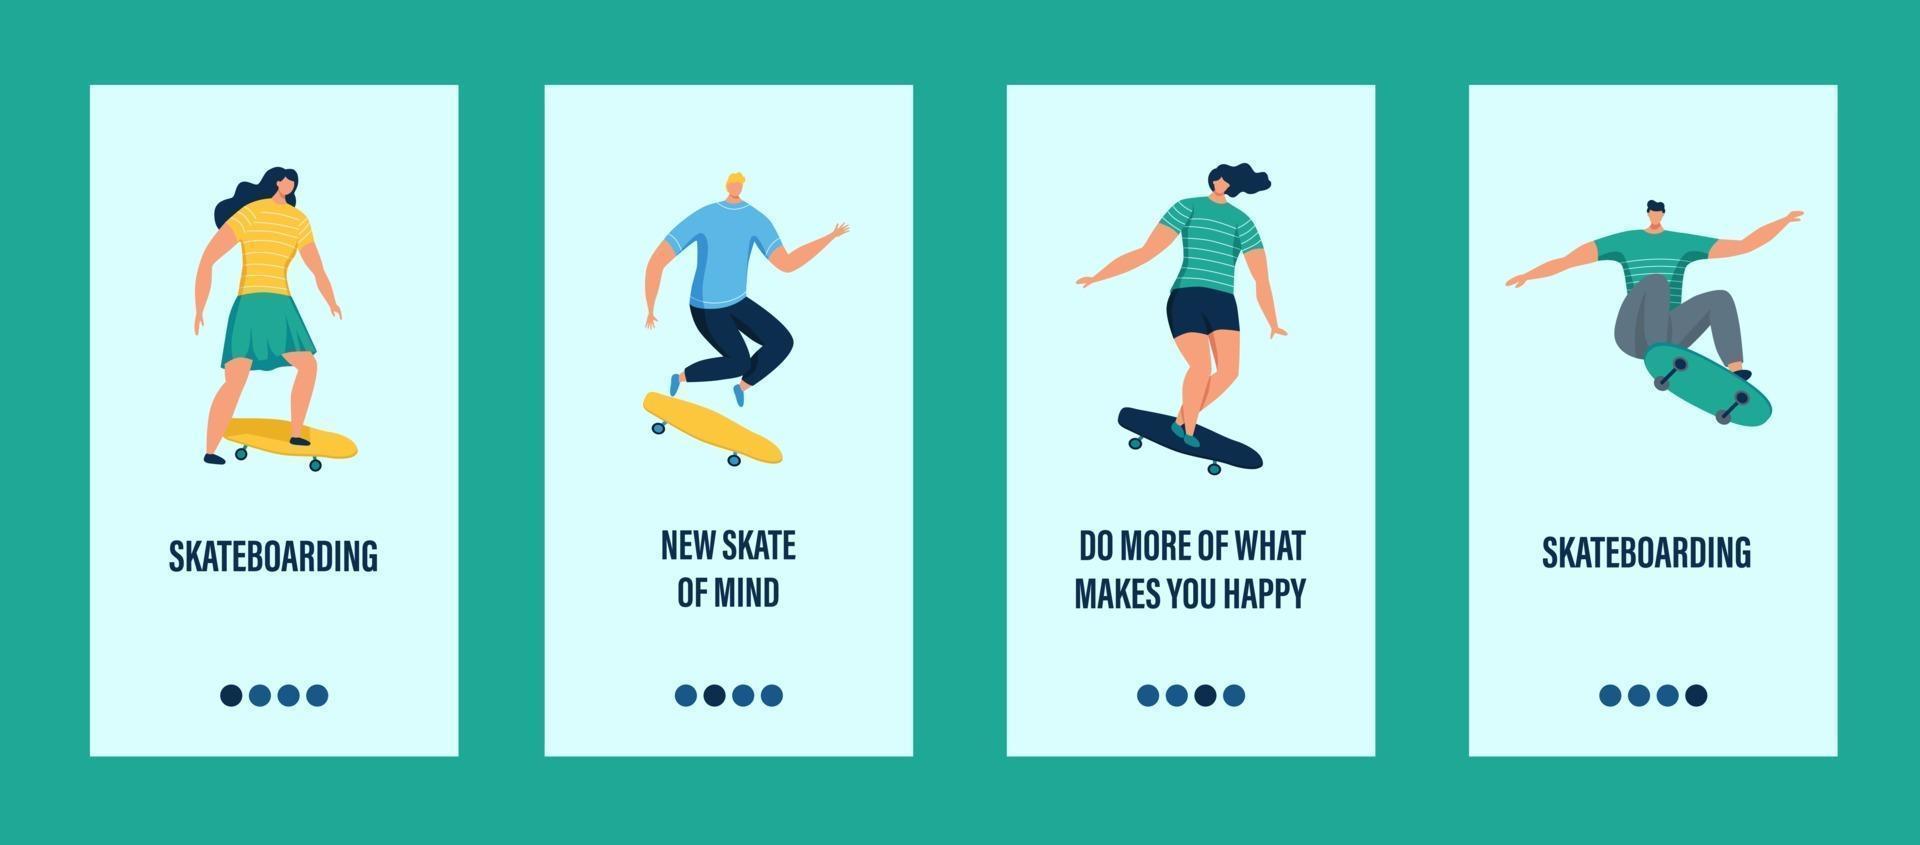 jovens andando de skate modelo de aplicativo móvel vetor